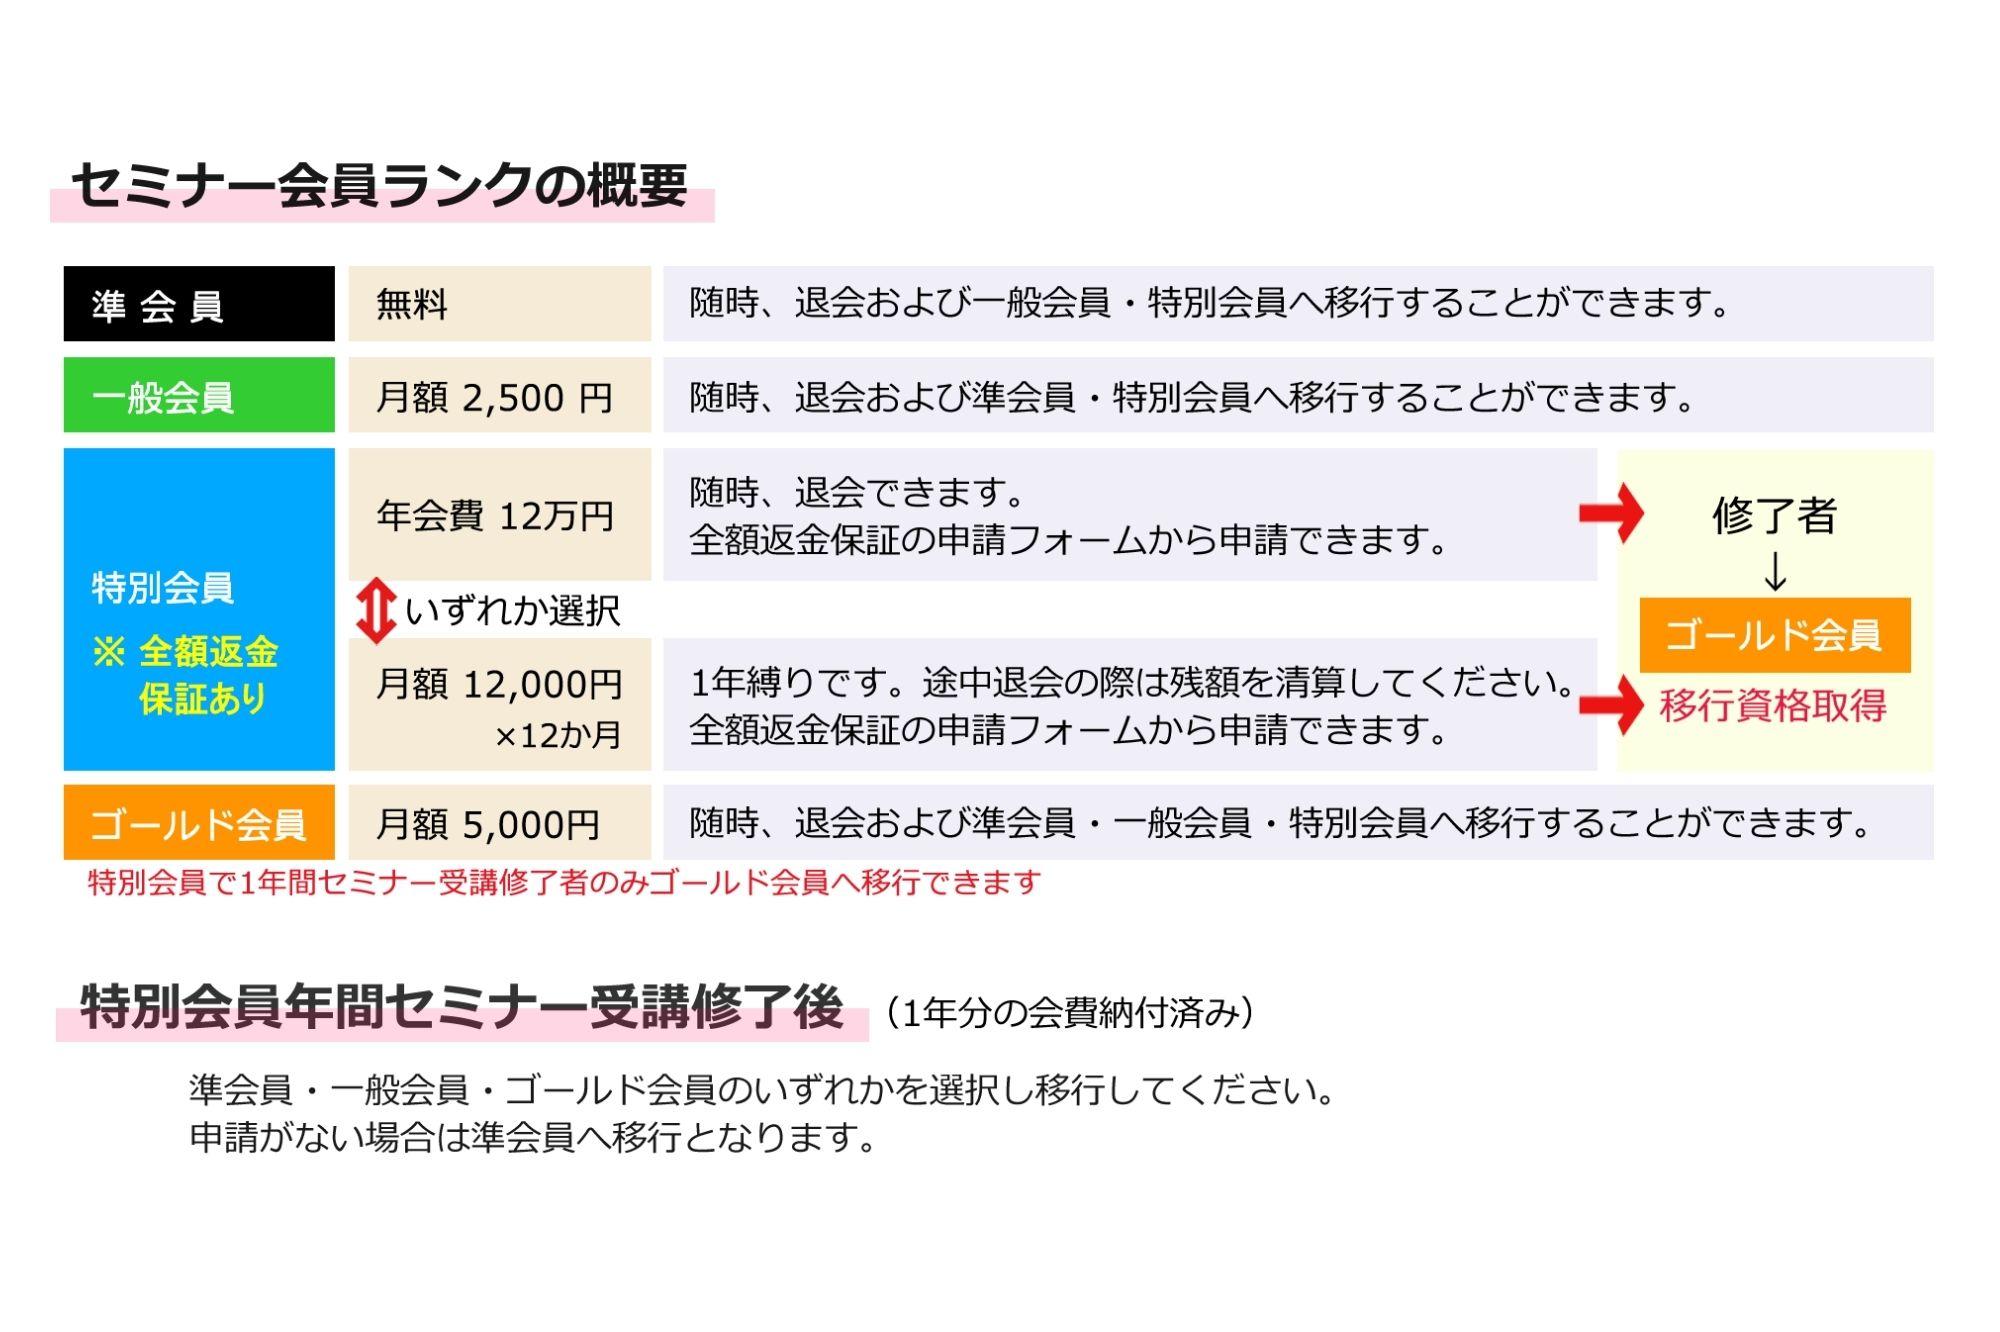 会費設定の設計サンプル